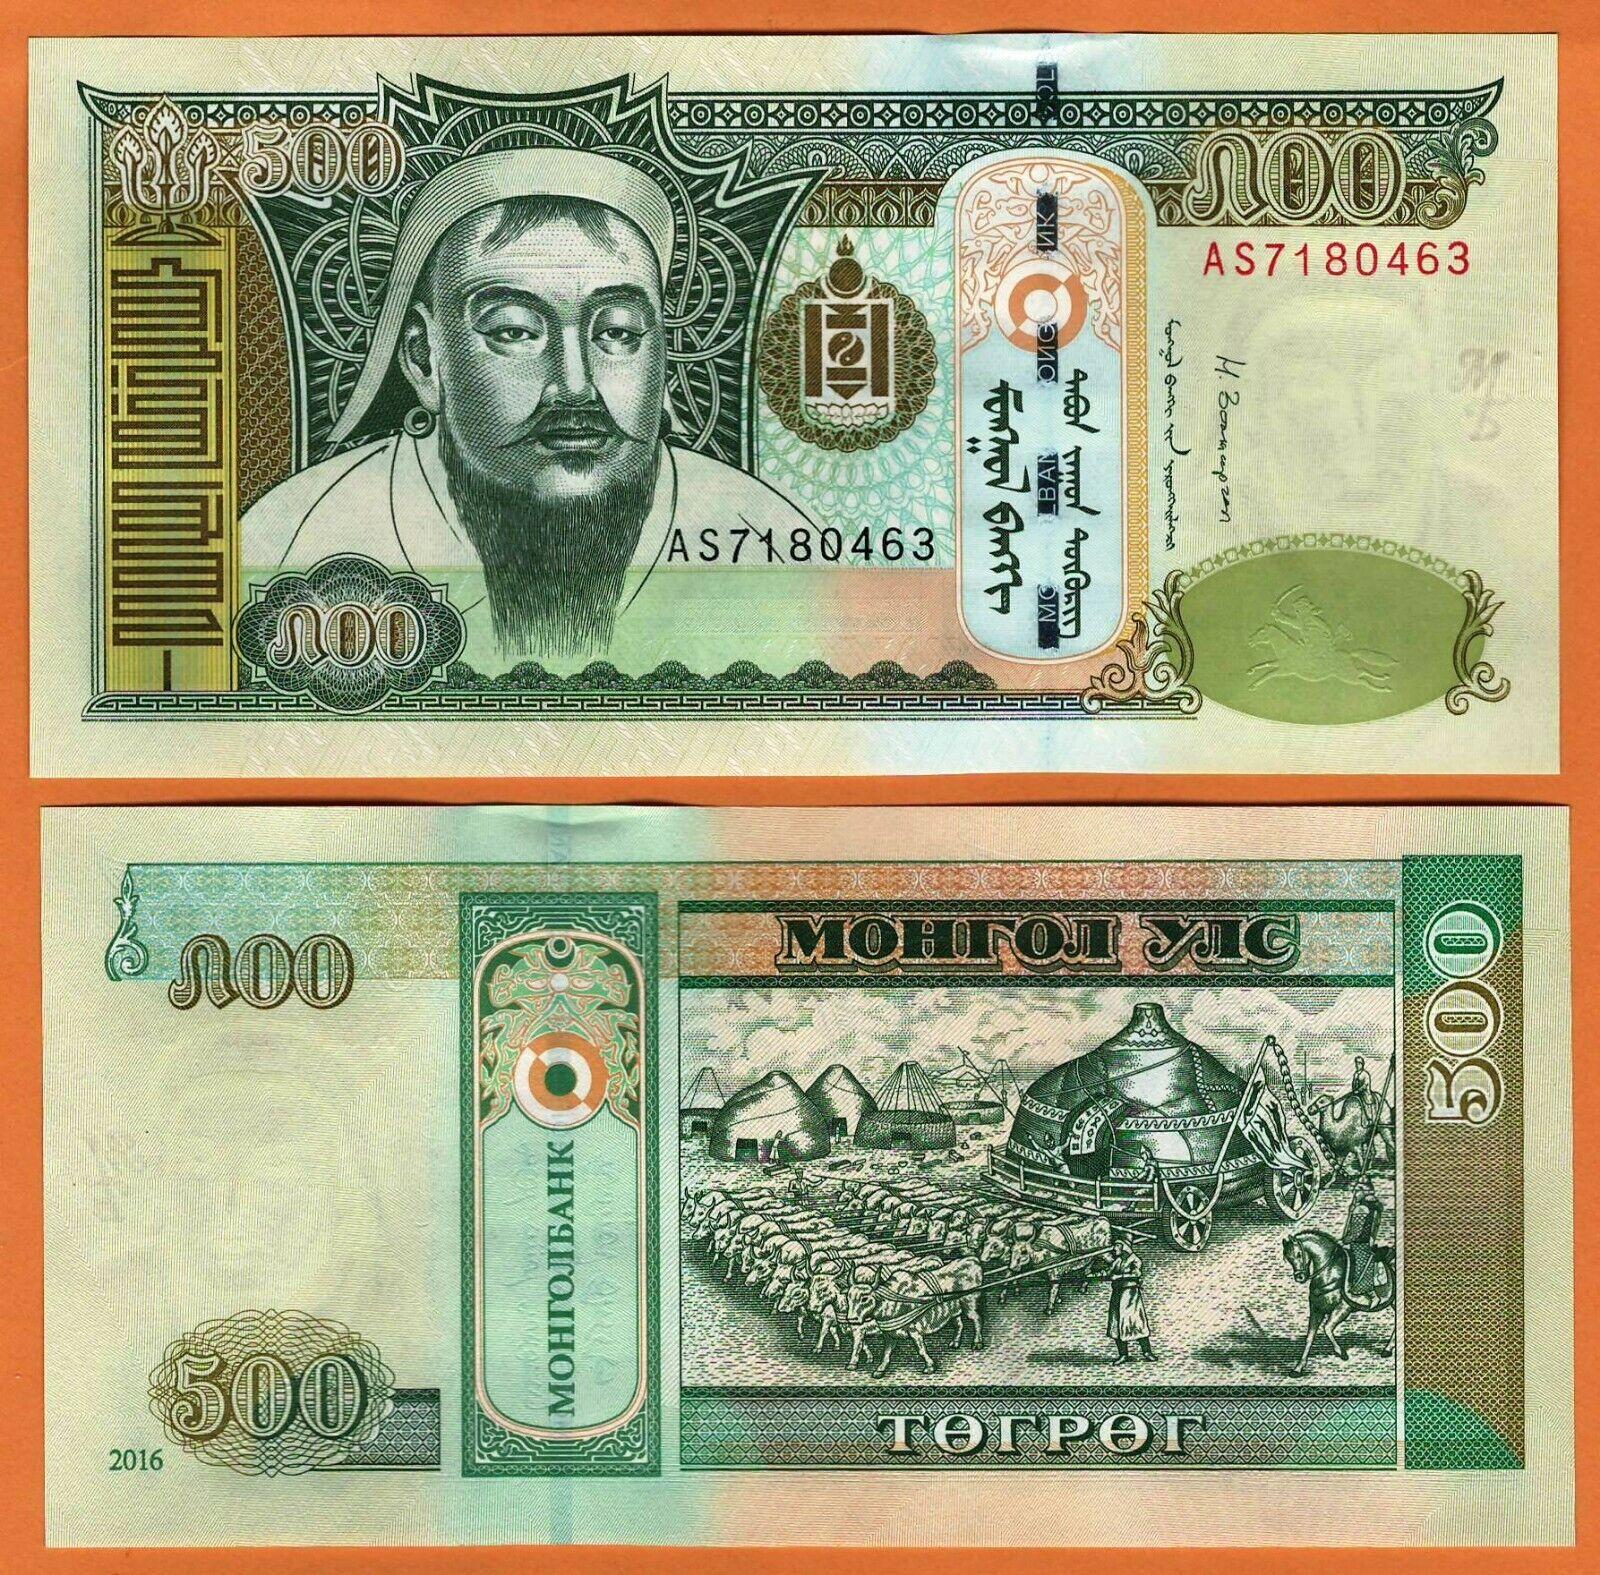 Mongolia 500 Tugrik Crisp UNC Banknote